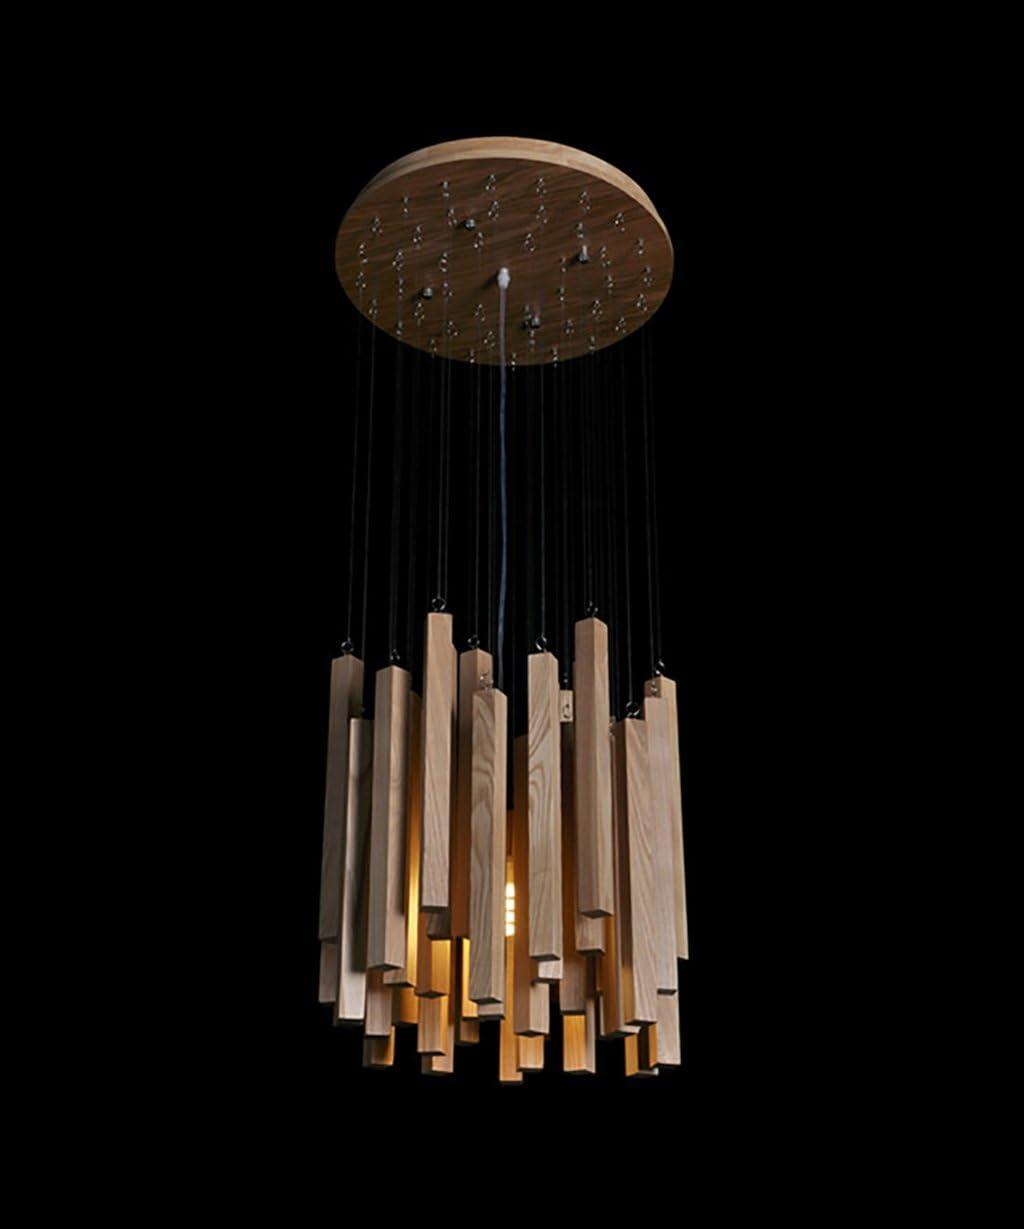 La simplicidad moderna lámpara de techo de madera Luces Creative Art Restaurante Sala Dormitorio Estudio Bar luces decorativas (Color : GGZCAAX)